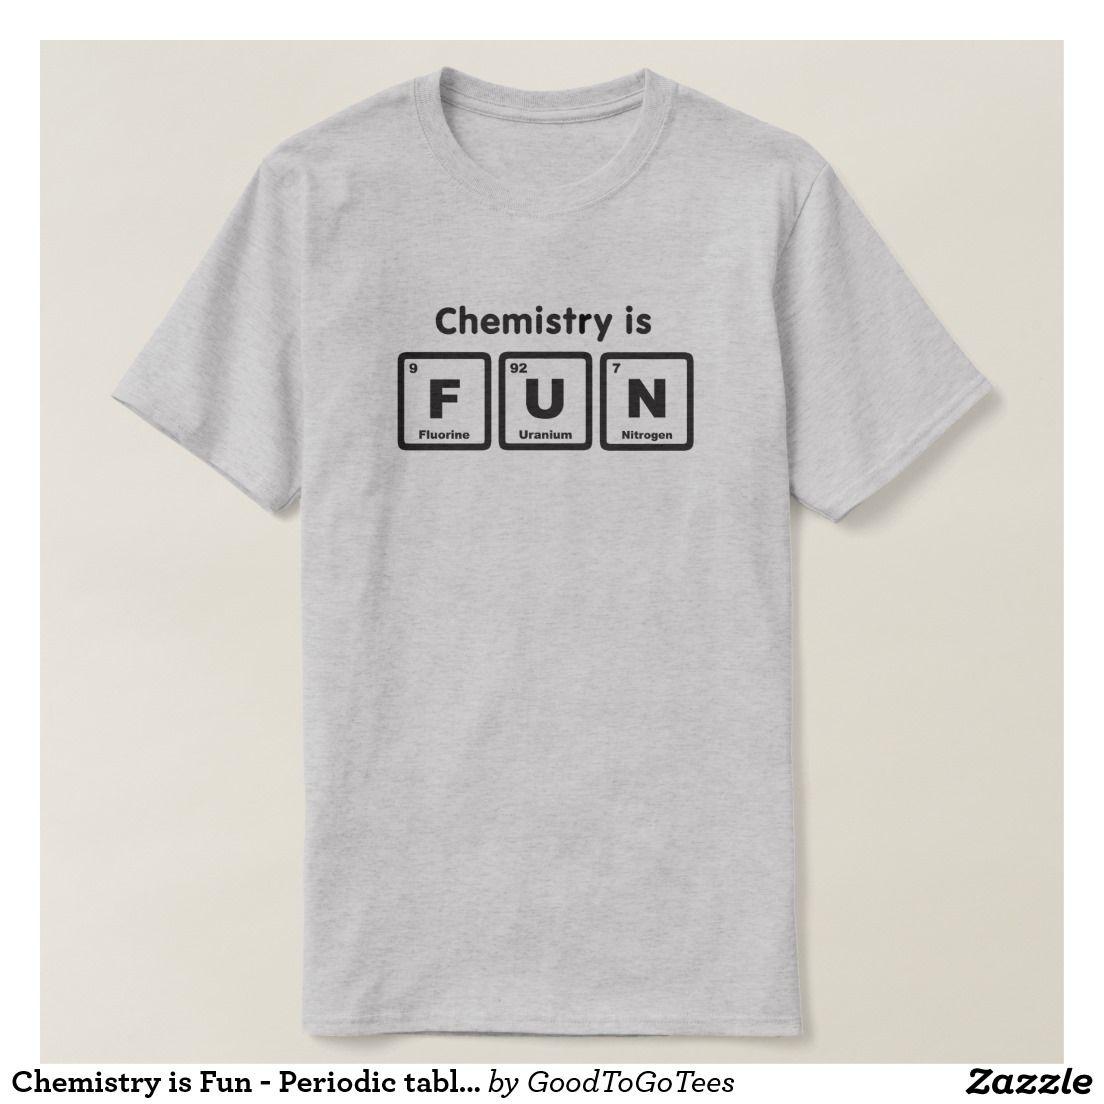 b6bbdb9ca3faa9 Chemistry is Fun - Periodic table elements T-Shirt | Zazzle.com ...